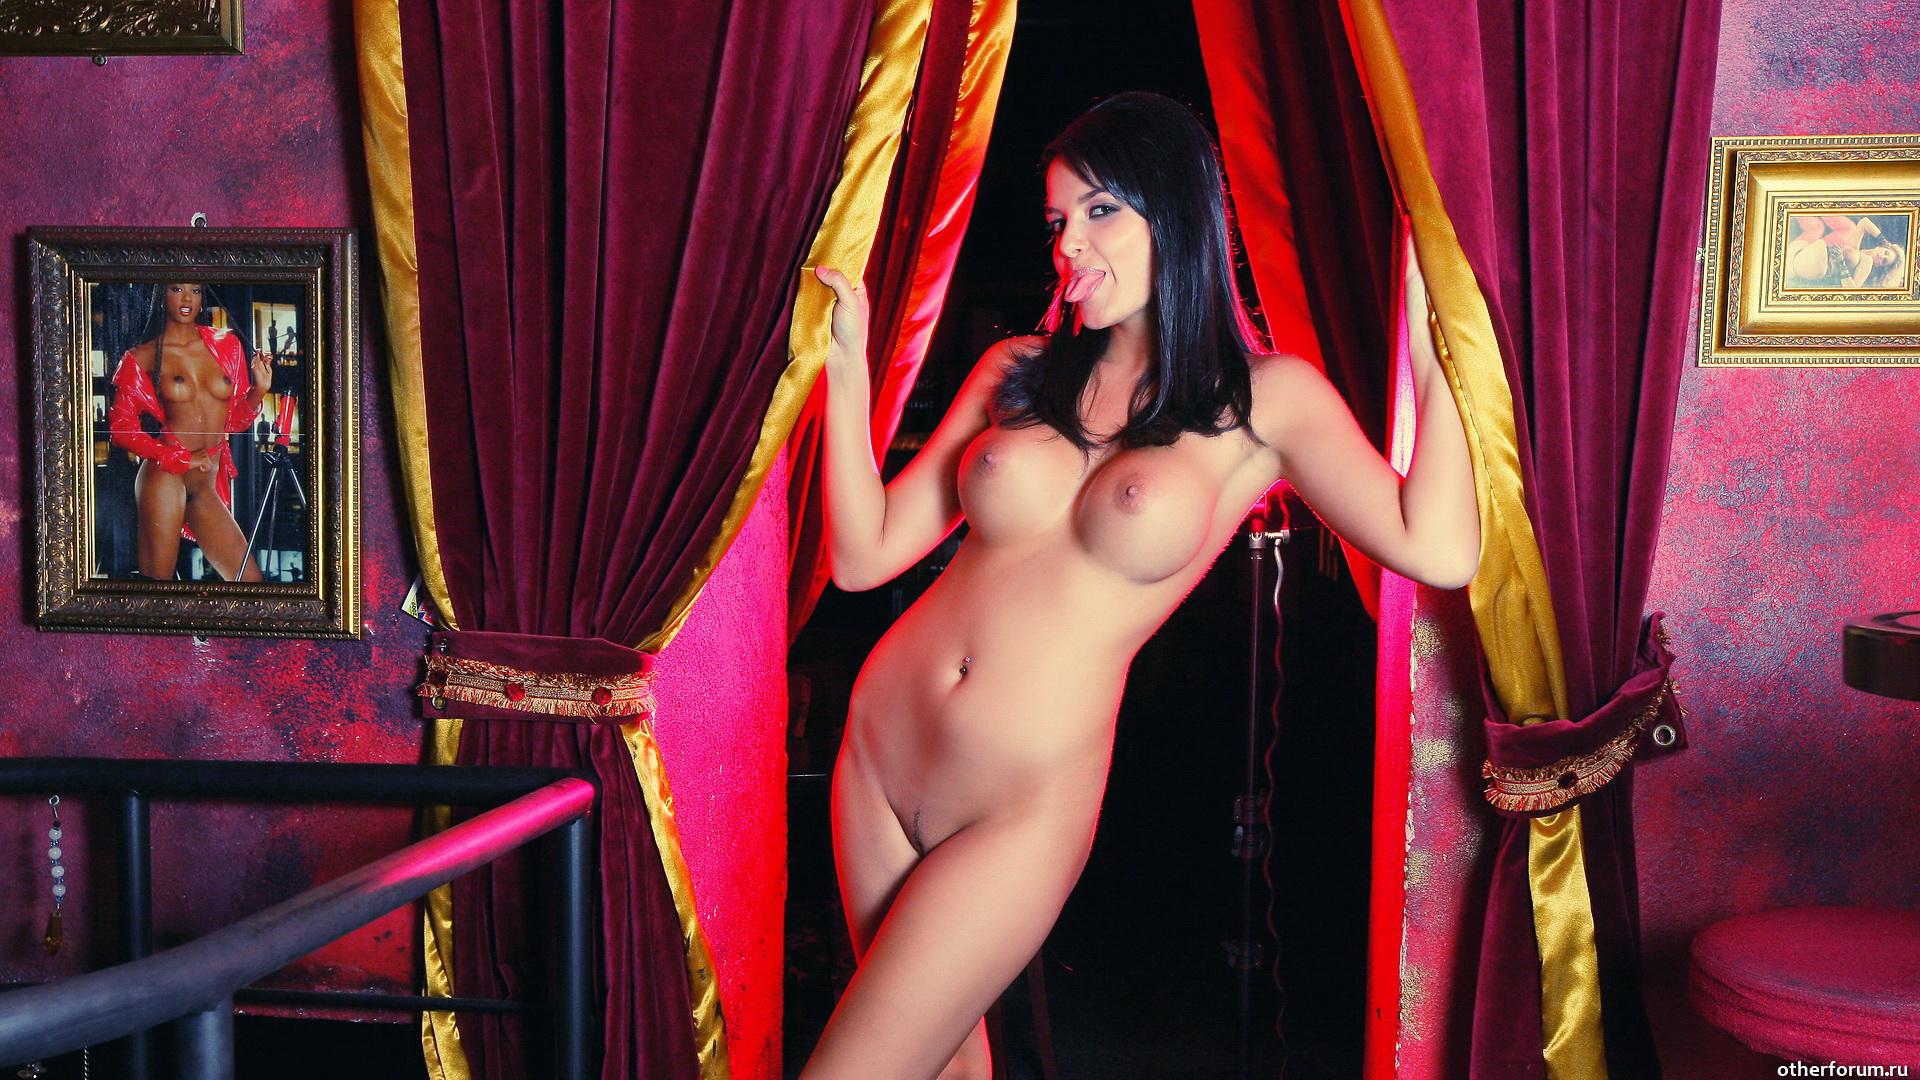 Смотреть стриптиз до гола бесплатно, Стриптиз видео, смотреть онлайн бесплатно! 2 фотография